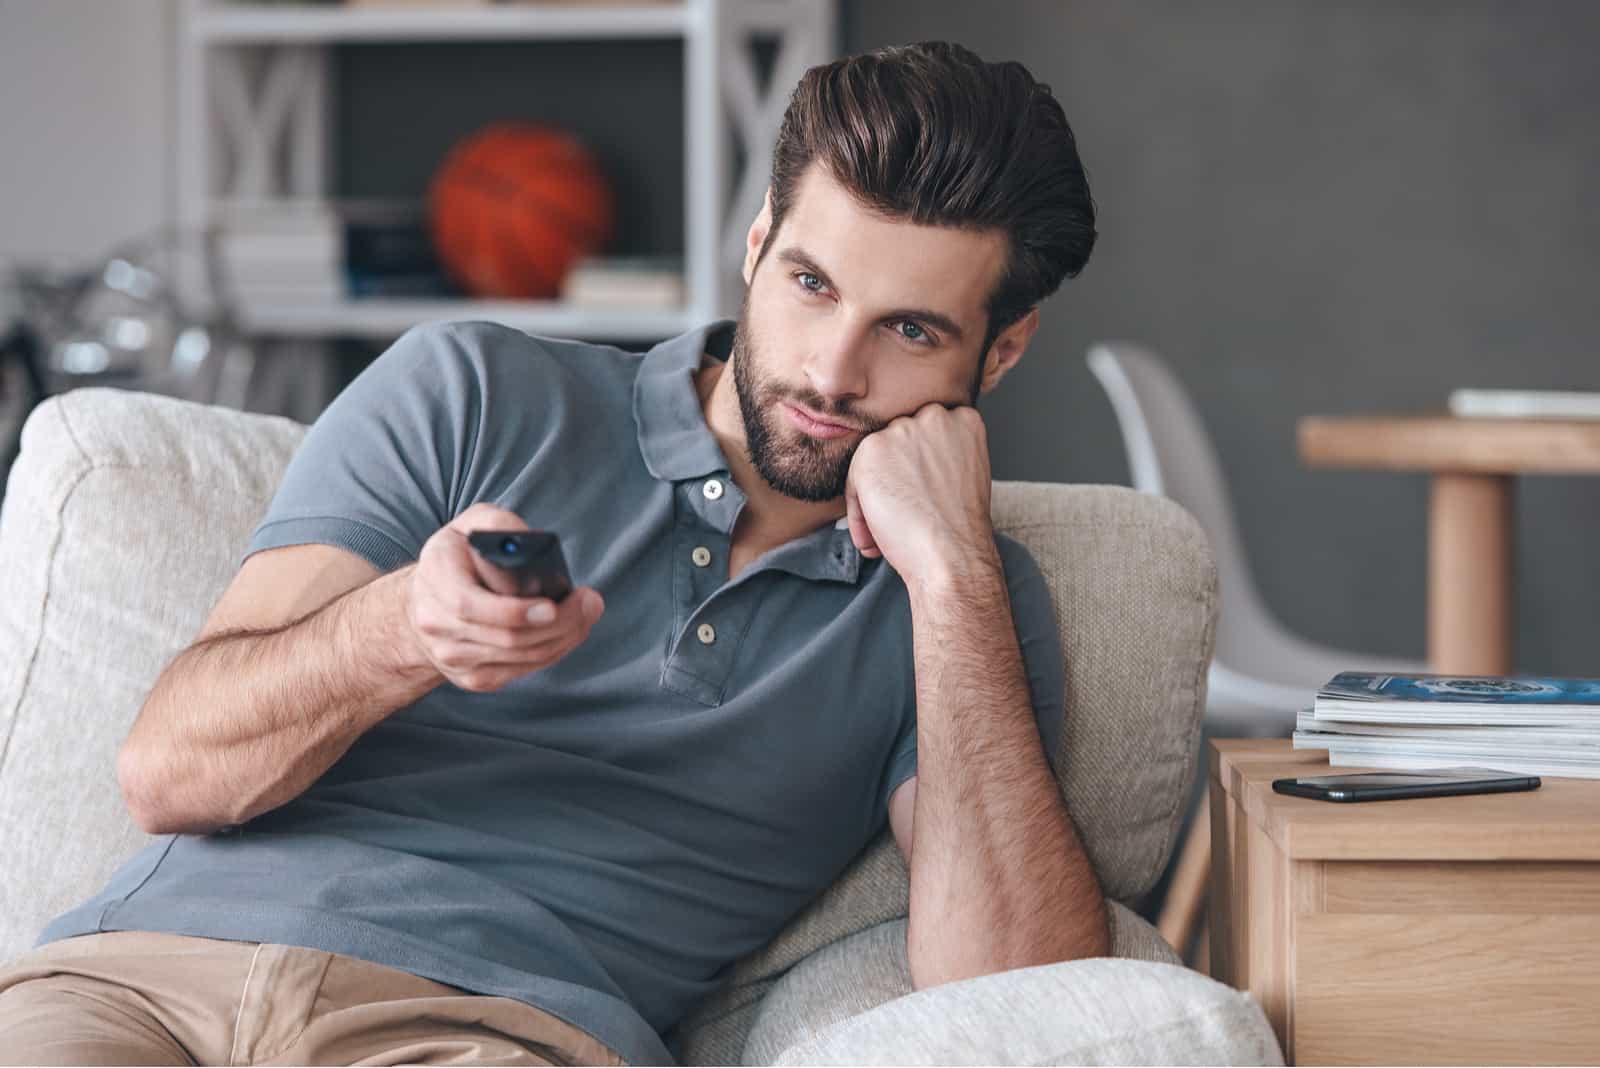 Hübscher junger Mann, der Fernbedienung hält und gelangweilt beim Fernsehen schaut